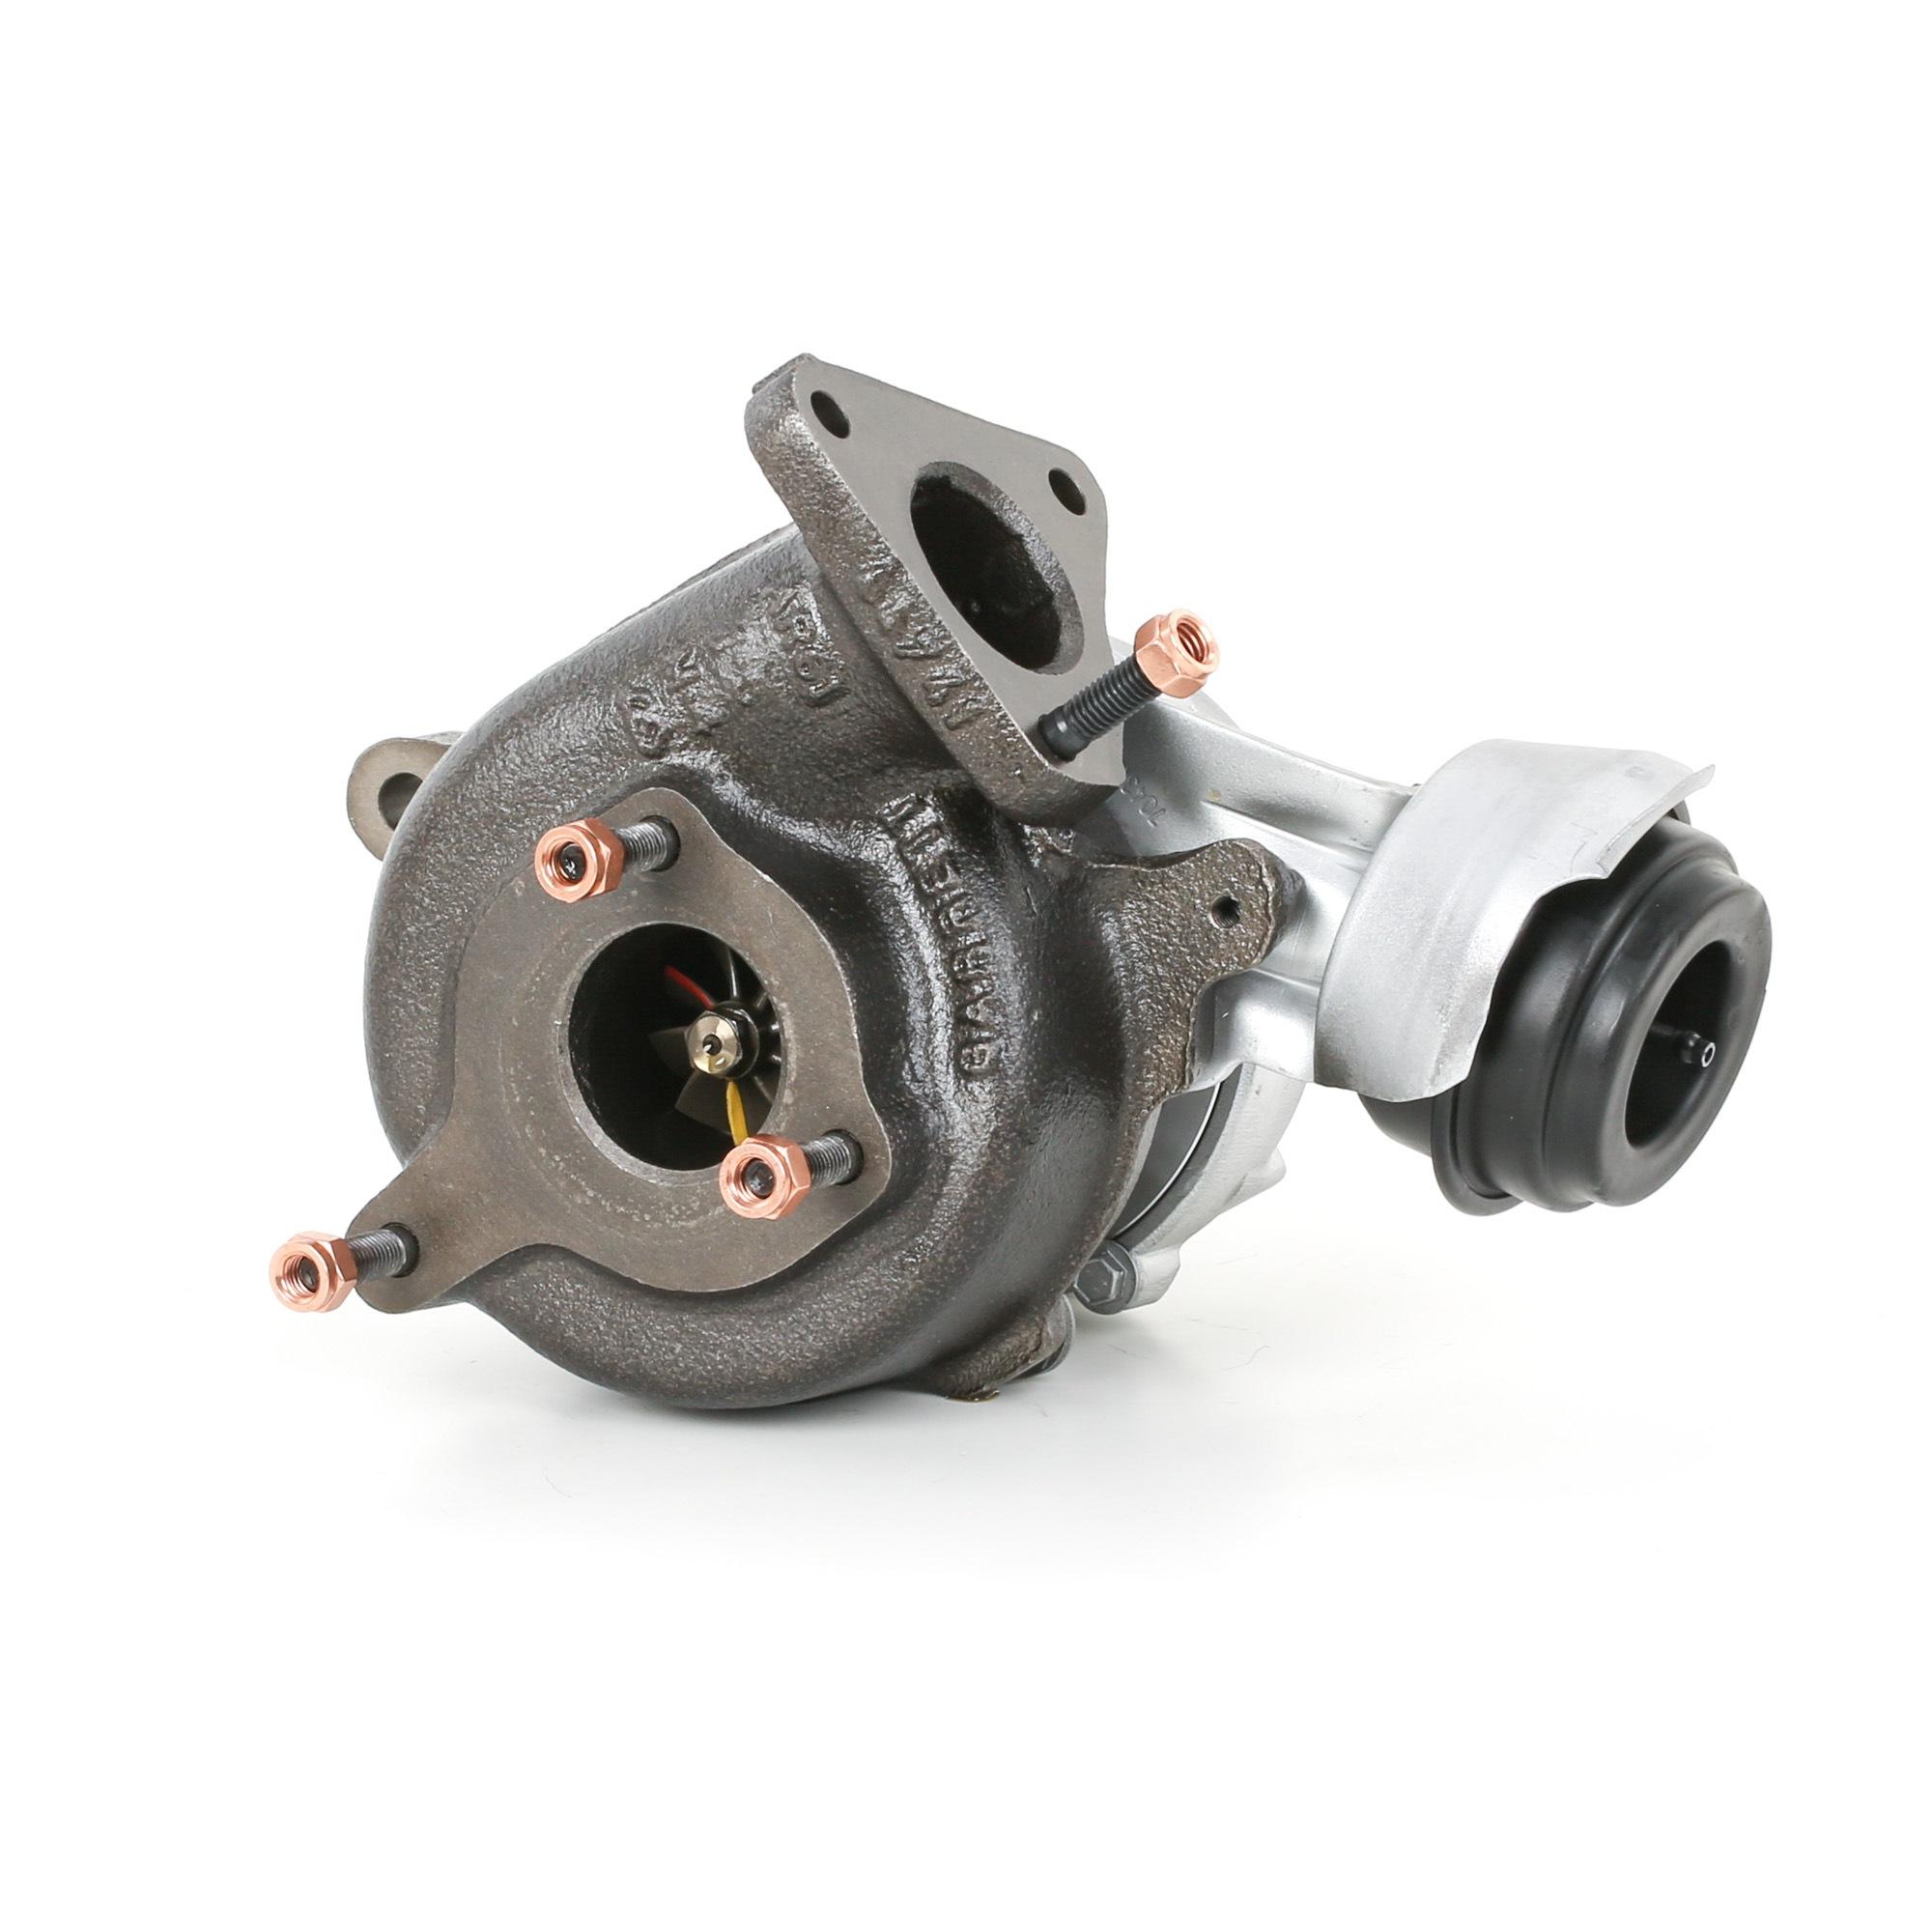 Turbolader 2234C0168R – herabgesetzter Preis beim online Kauf